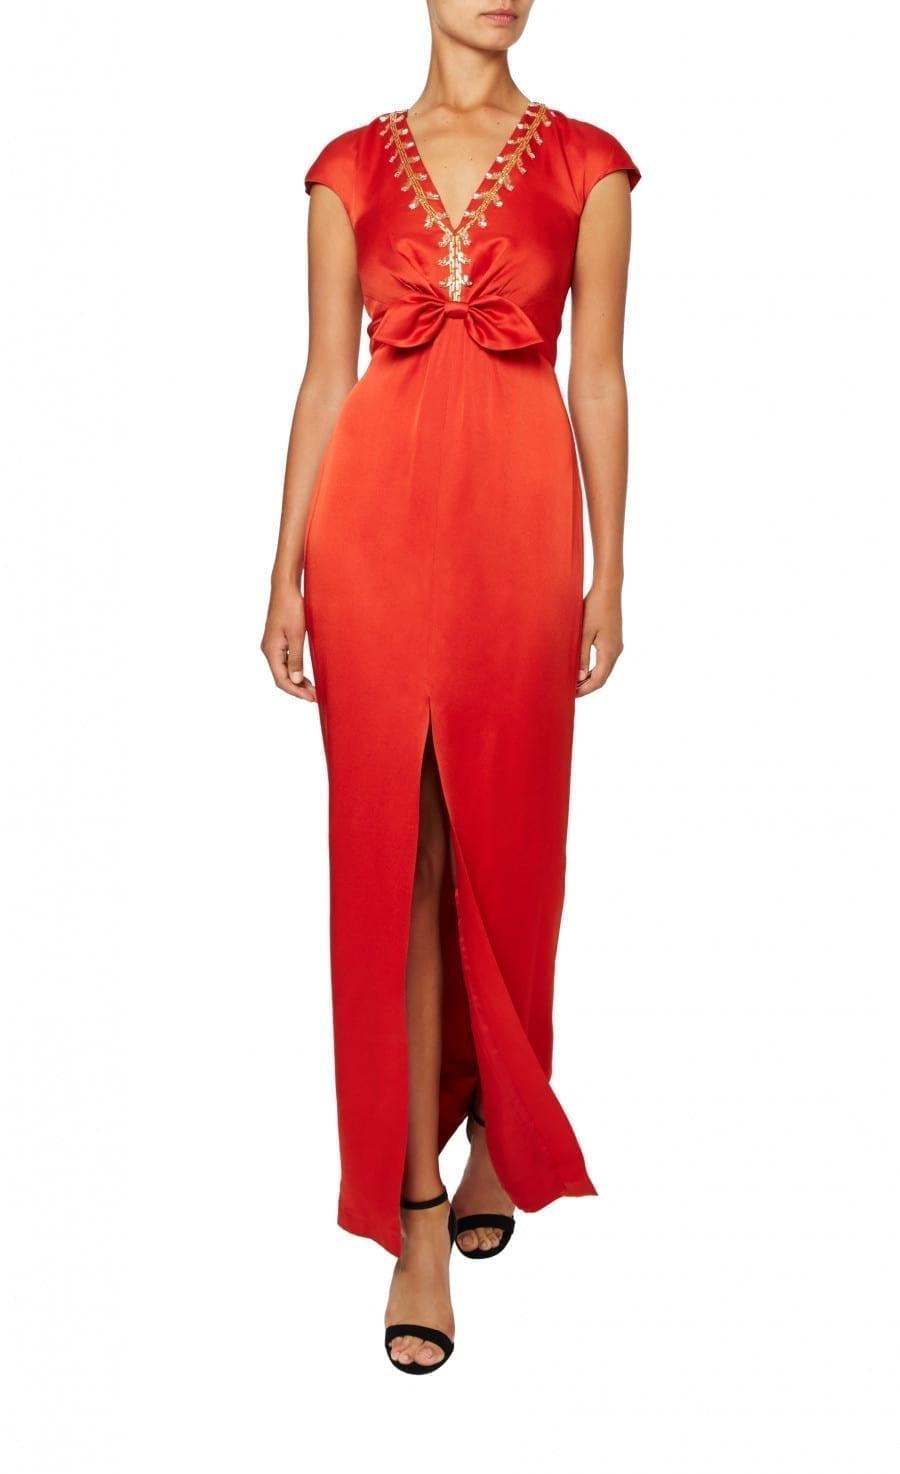 TEMPERLEY LONDON Nile Tie Vermilion Dress